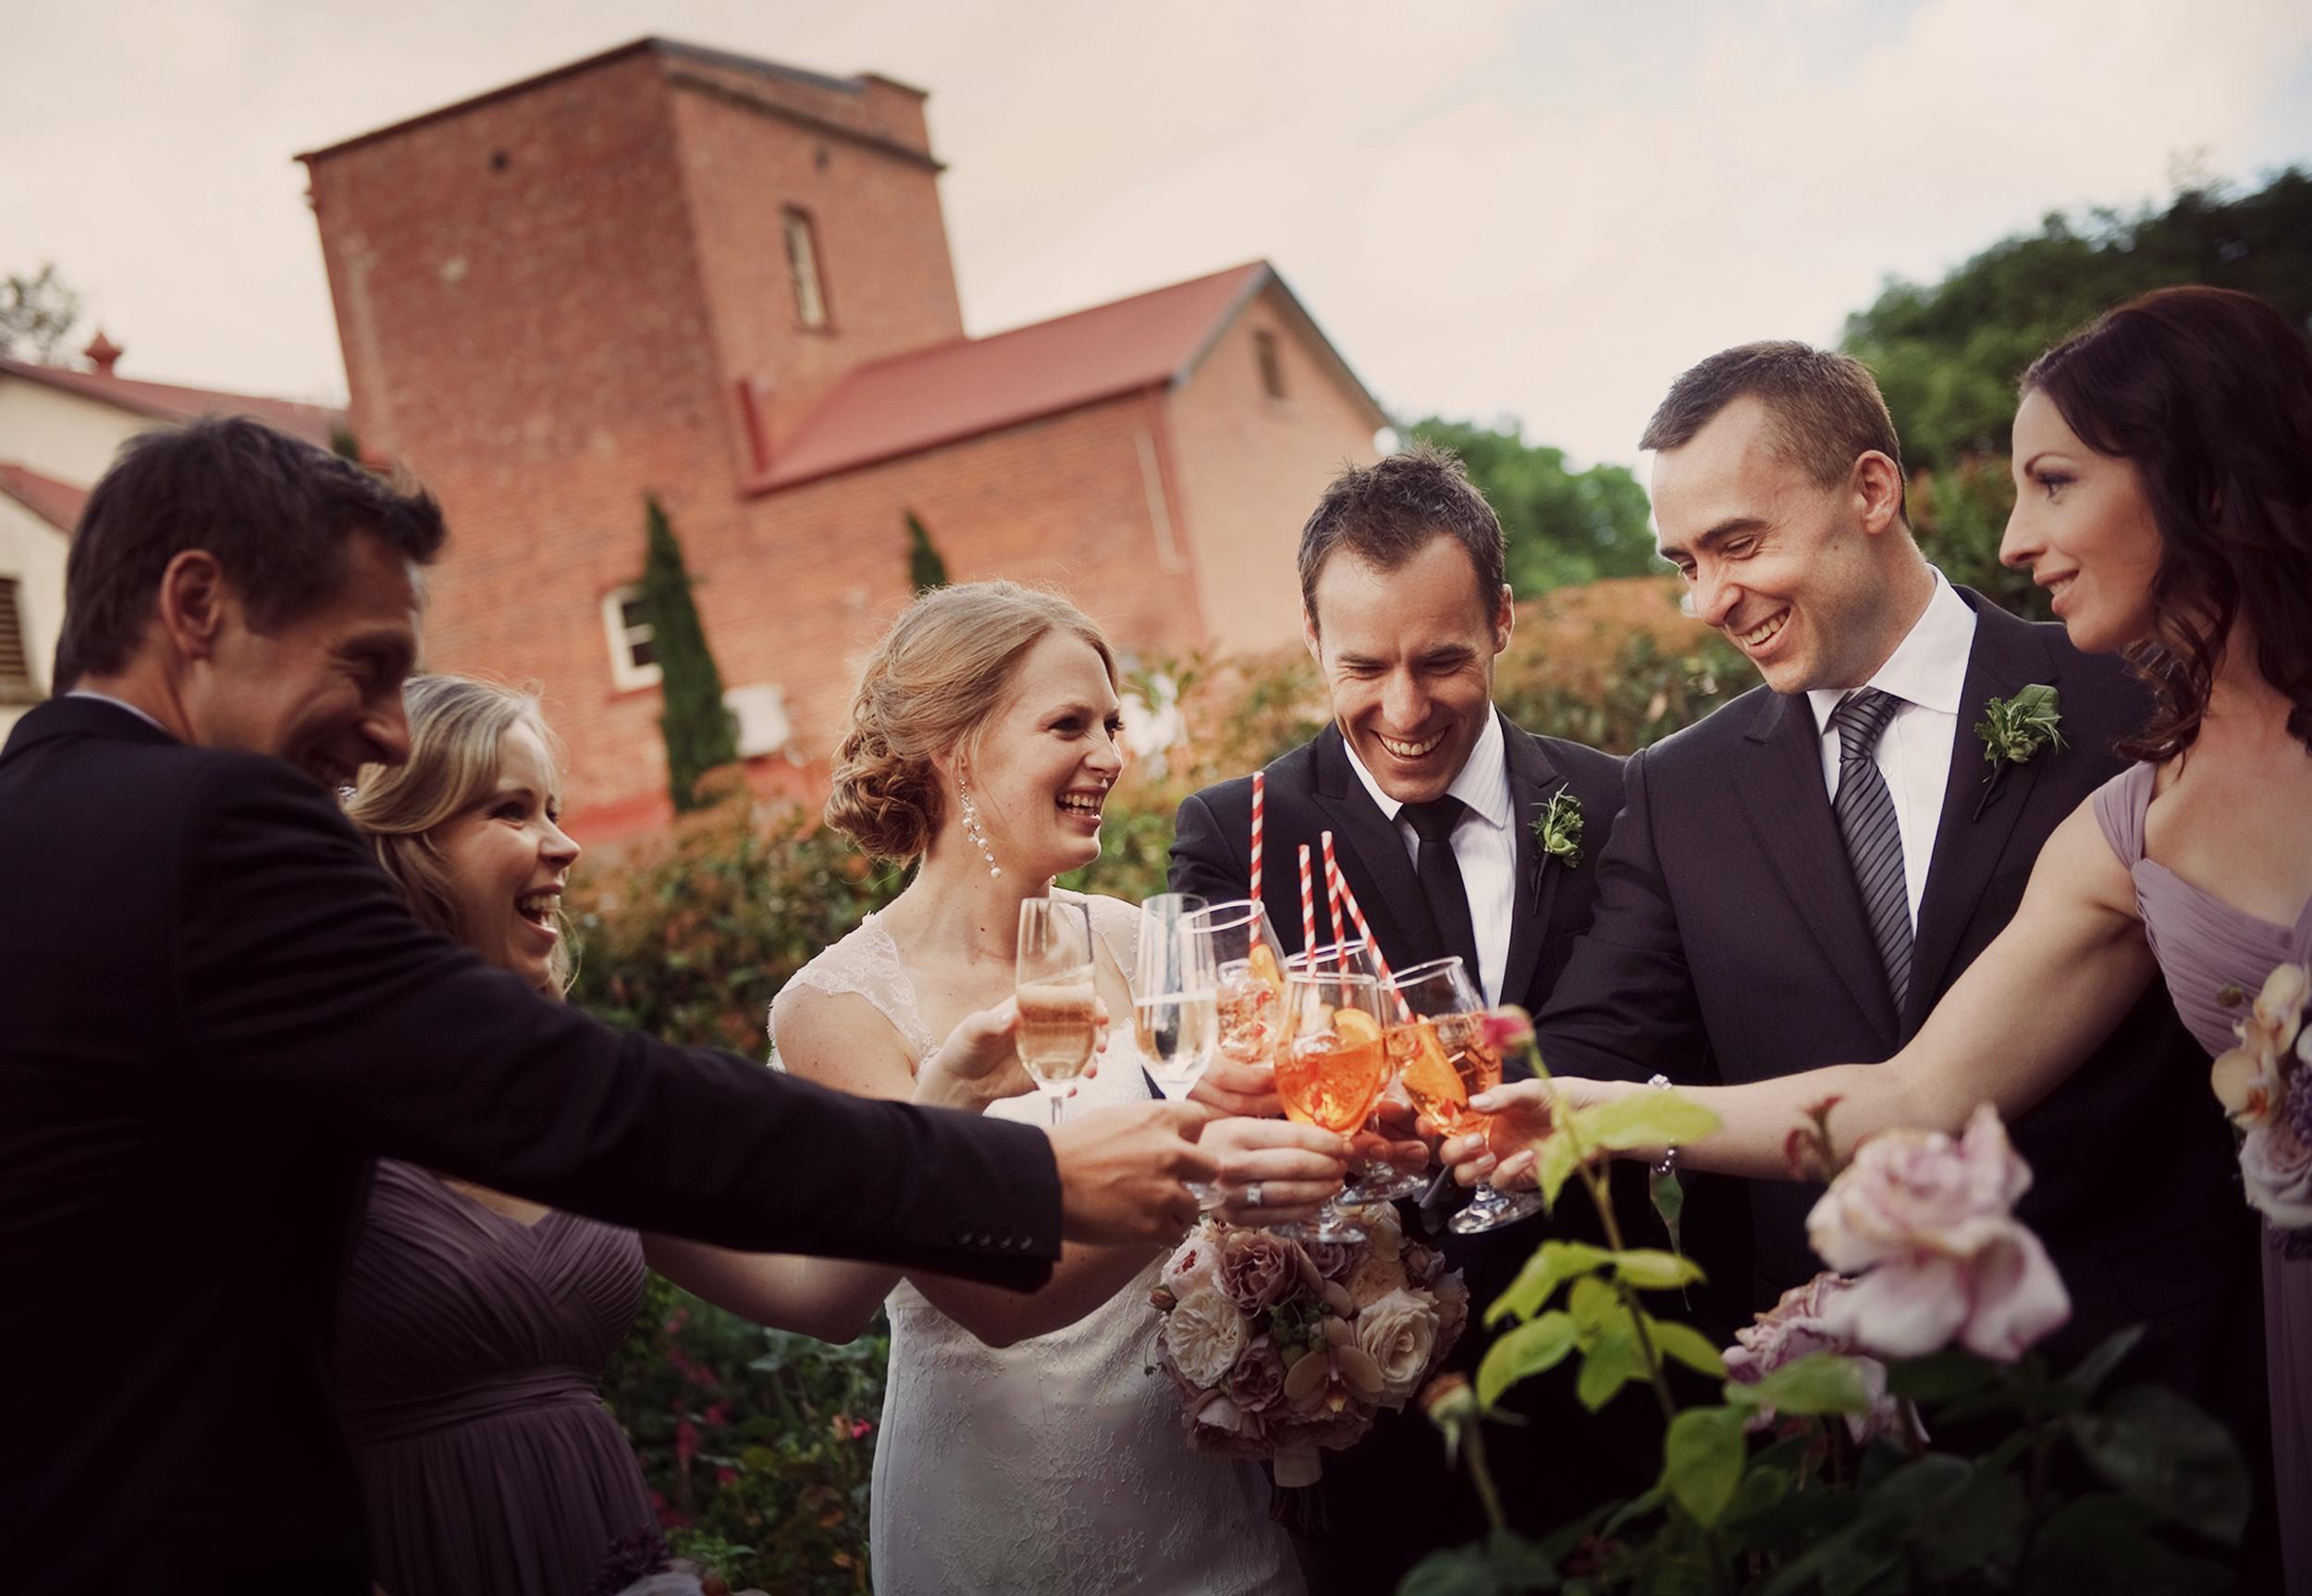 euroa_butter_factory_wedding_photography_73.jpg